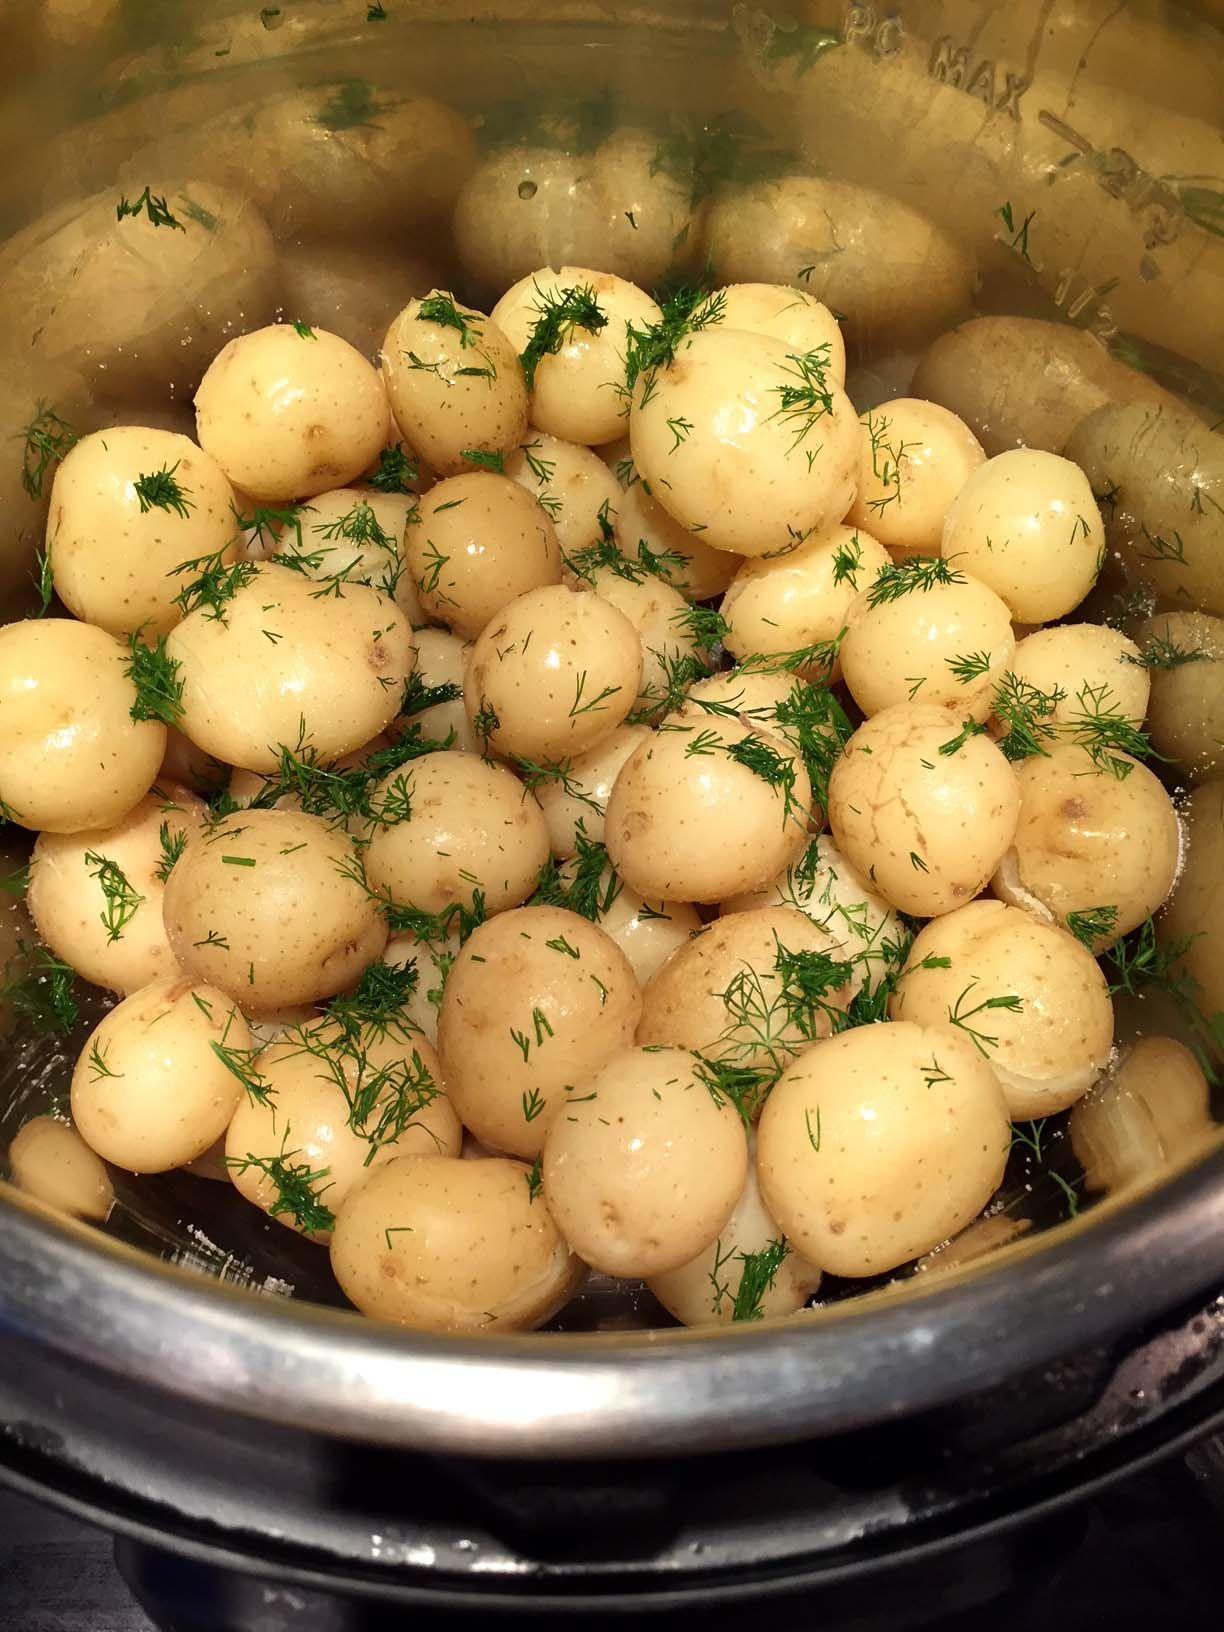 Potato Salad Recipe Instant Pot